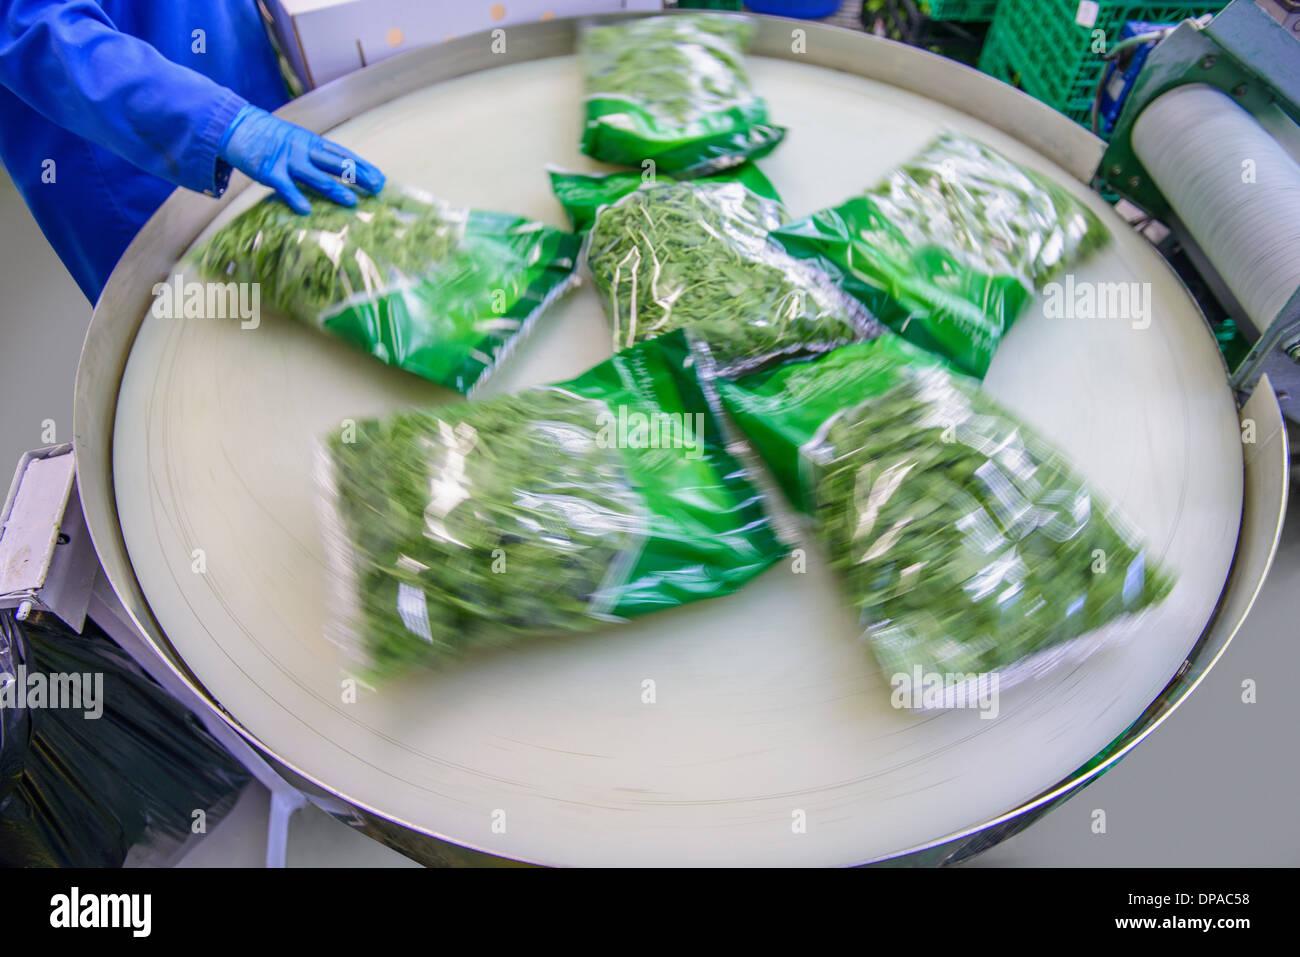 Paquetes de hojas de ensalada mixta en la línea de producción en la granja de hierbas Imagen De Stock